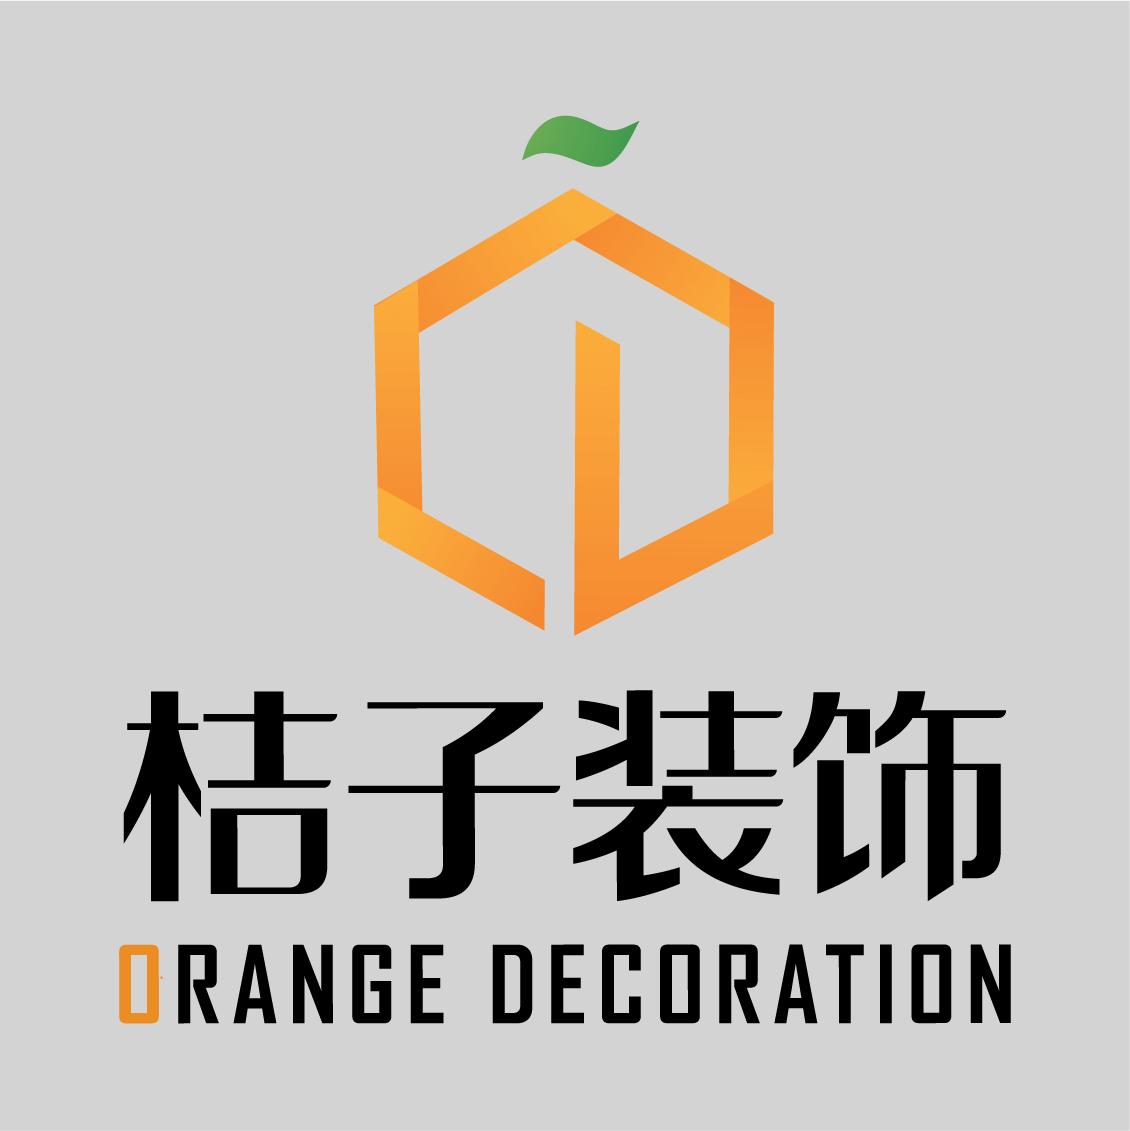 淮安桔子装饰工程有限公司